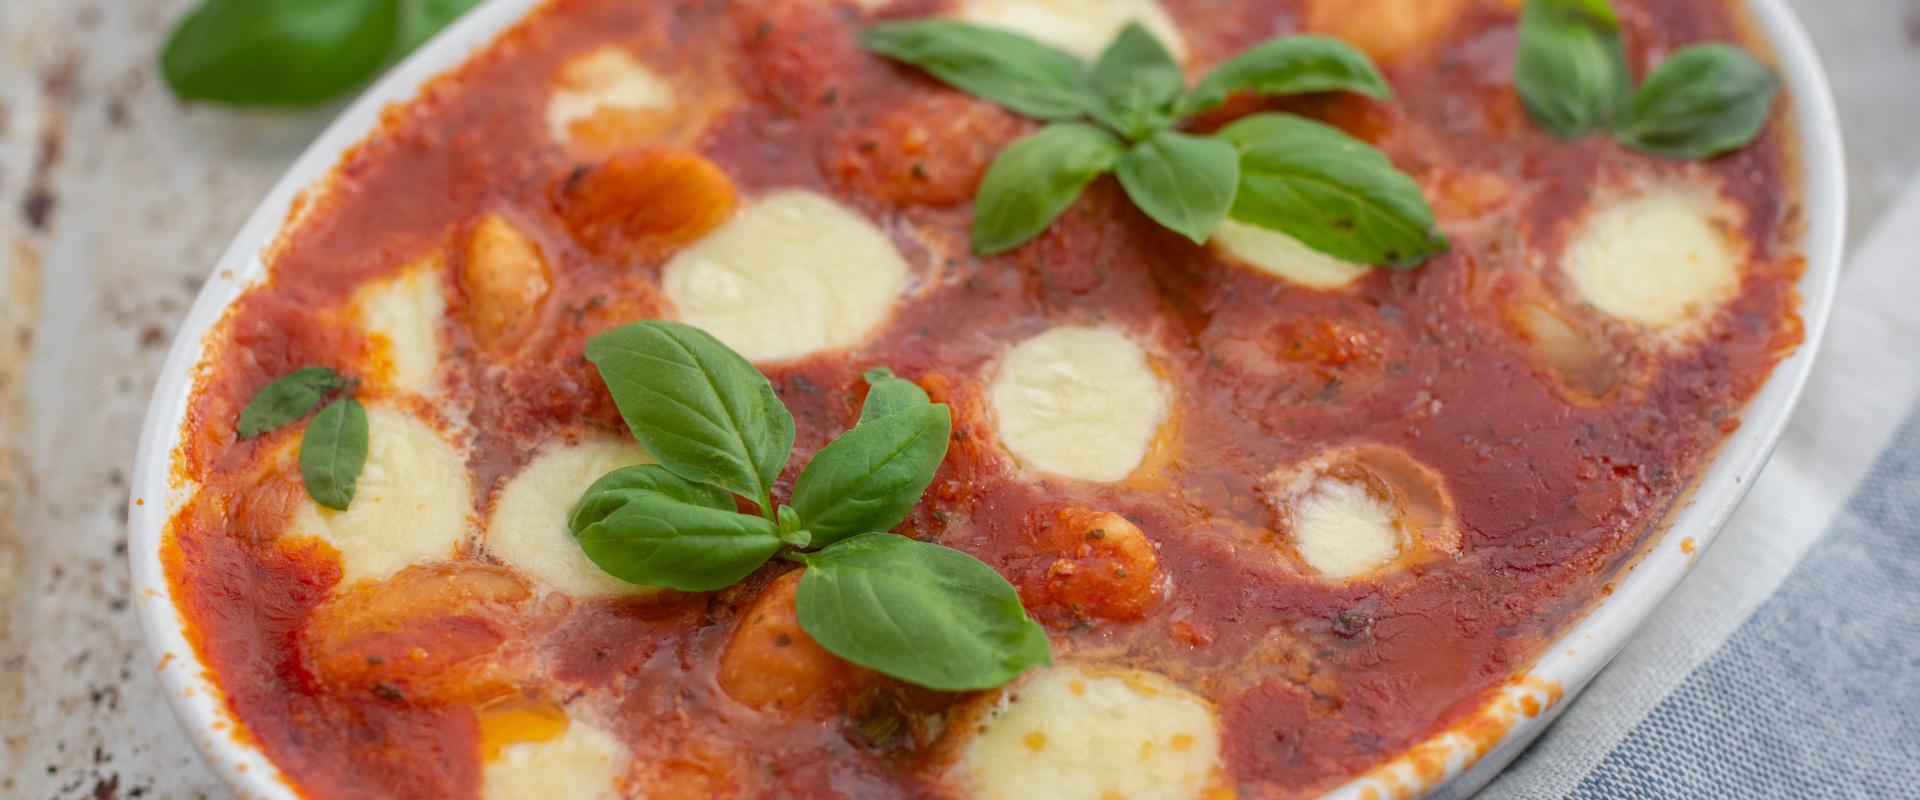 sütőben sült paradicsomos gnocchi cover